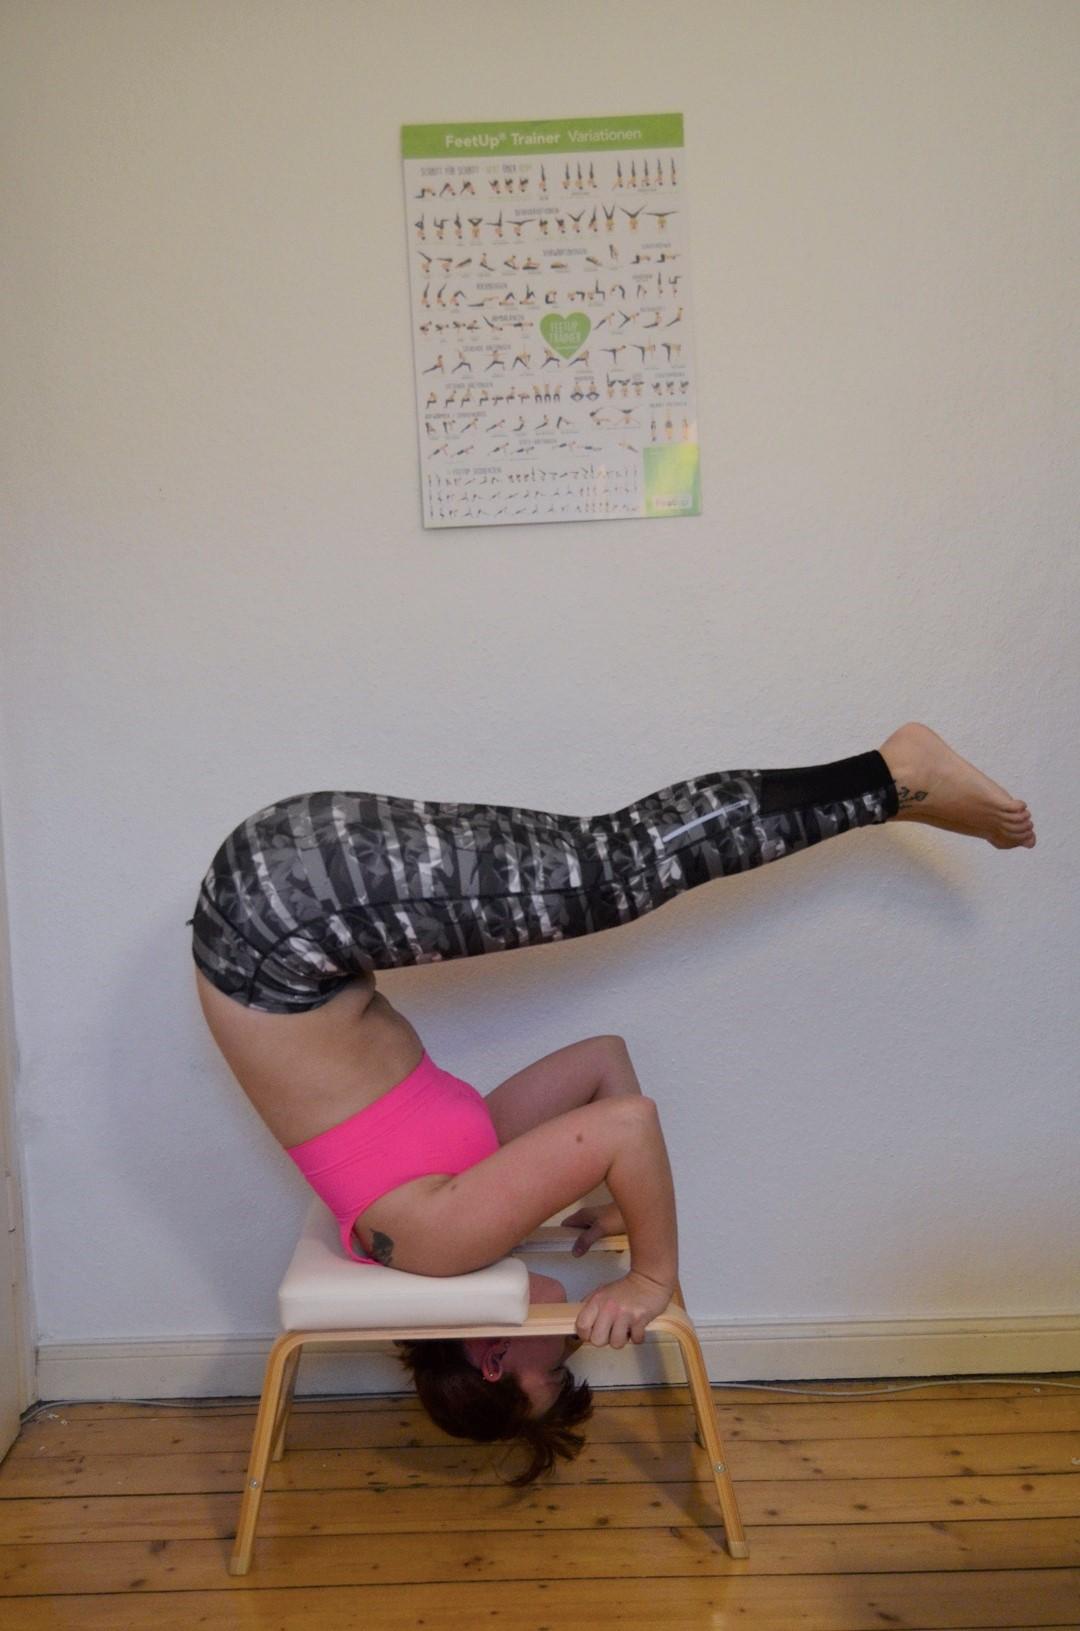 Feetup_Feetuptrainer_Kopfstand_Handstand_Schulterstand_Home Workout_Workout_Fitness_Körperbewusst_Annanikabu_3